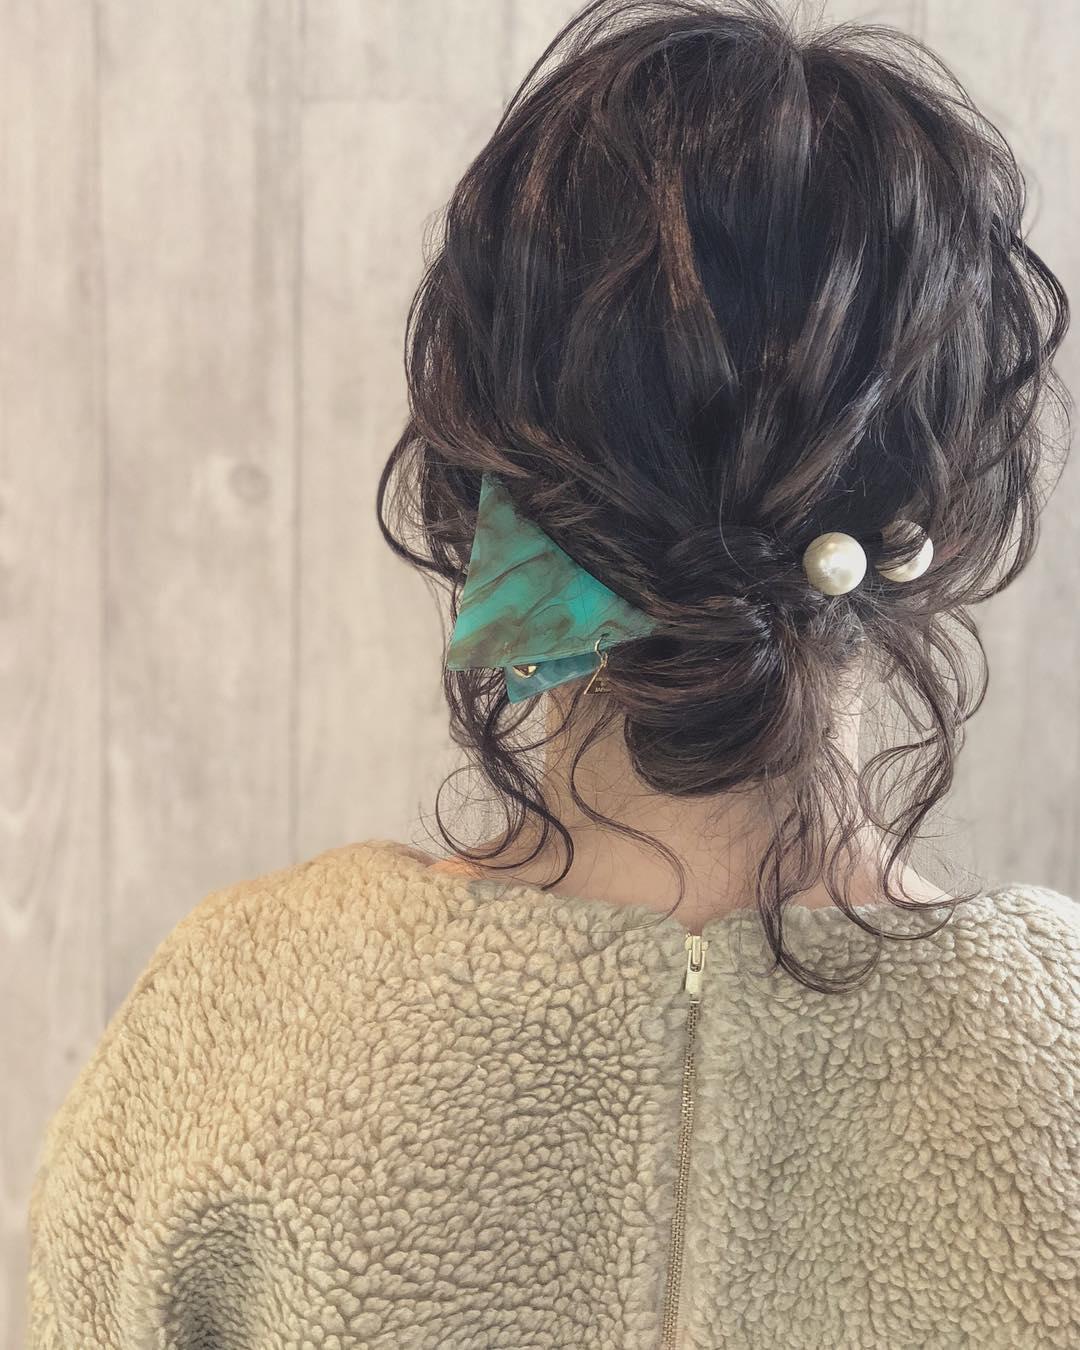 大注目のトレンドアイテム☆ボアコートにぴったりのヘアアレンジ3